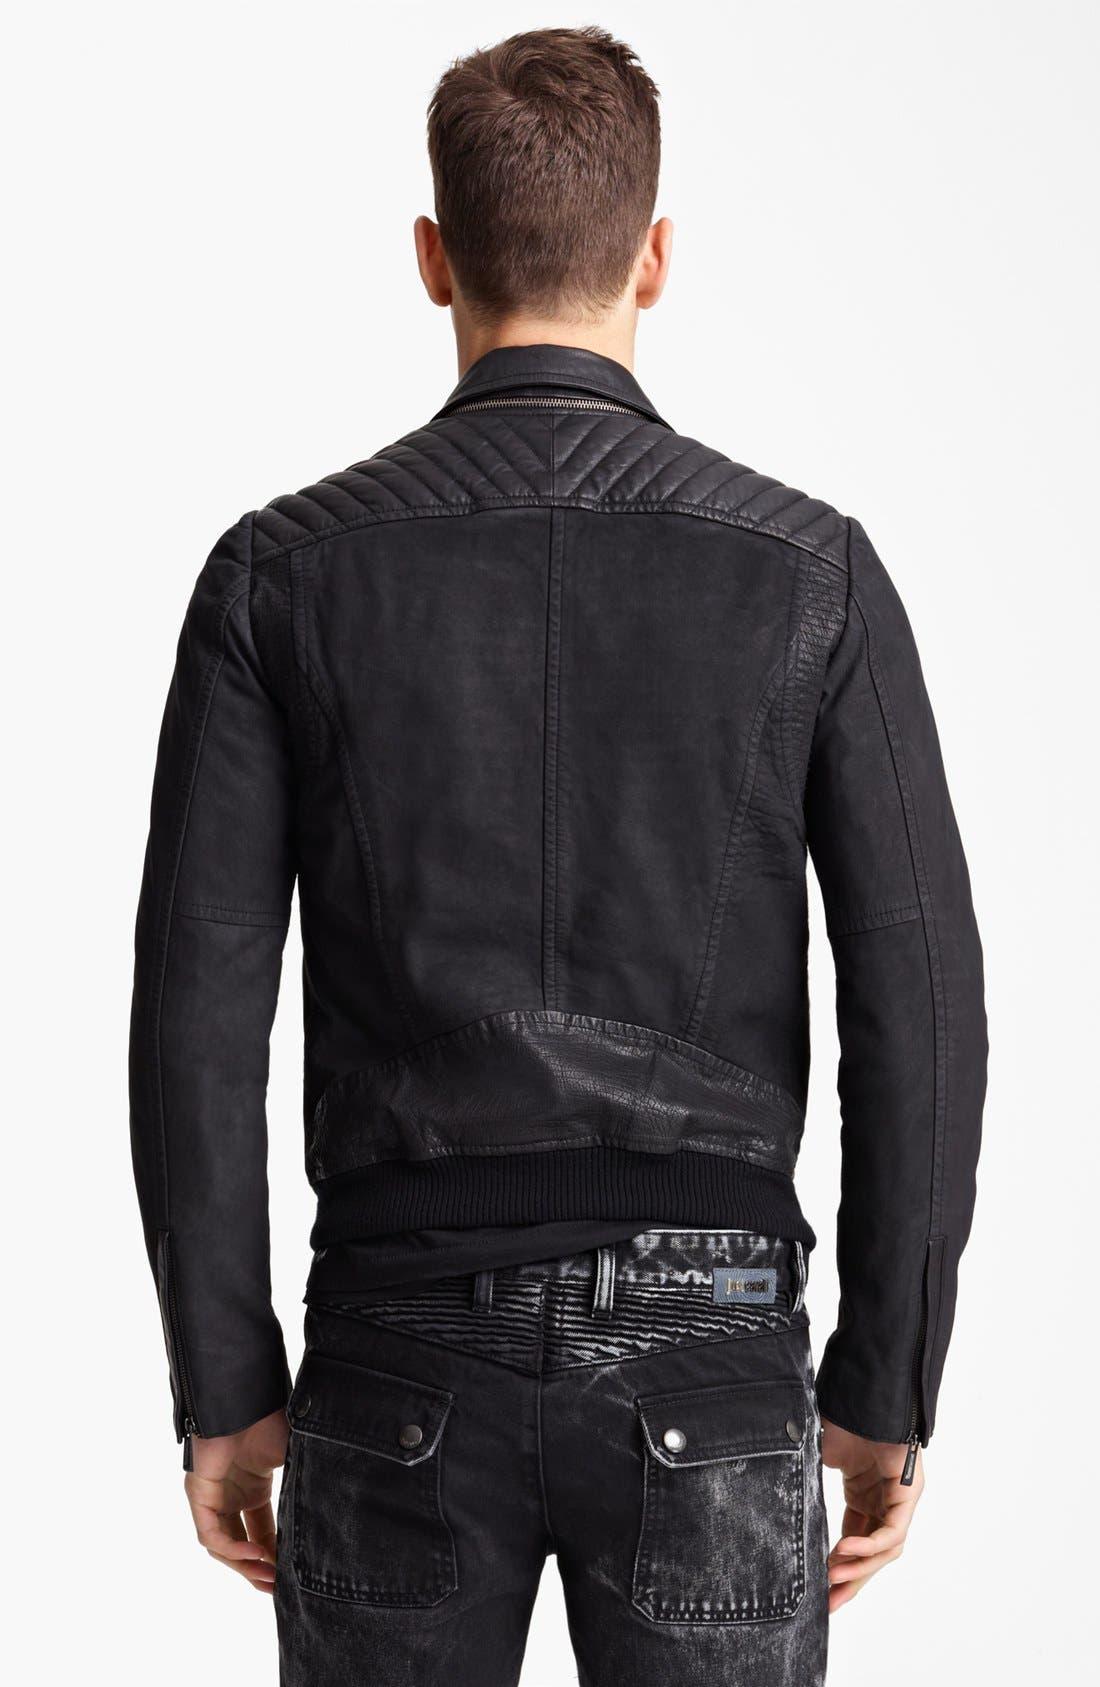 JUST CAVALLI, Leather Moto Jacket, Alternate thumbnail 2, color, 001